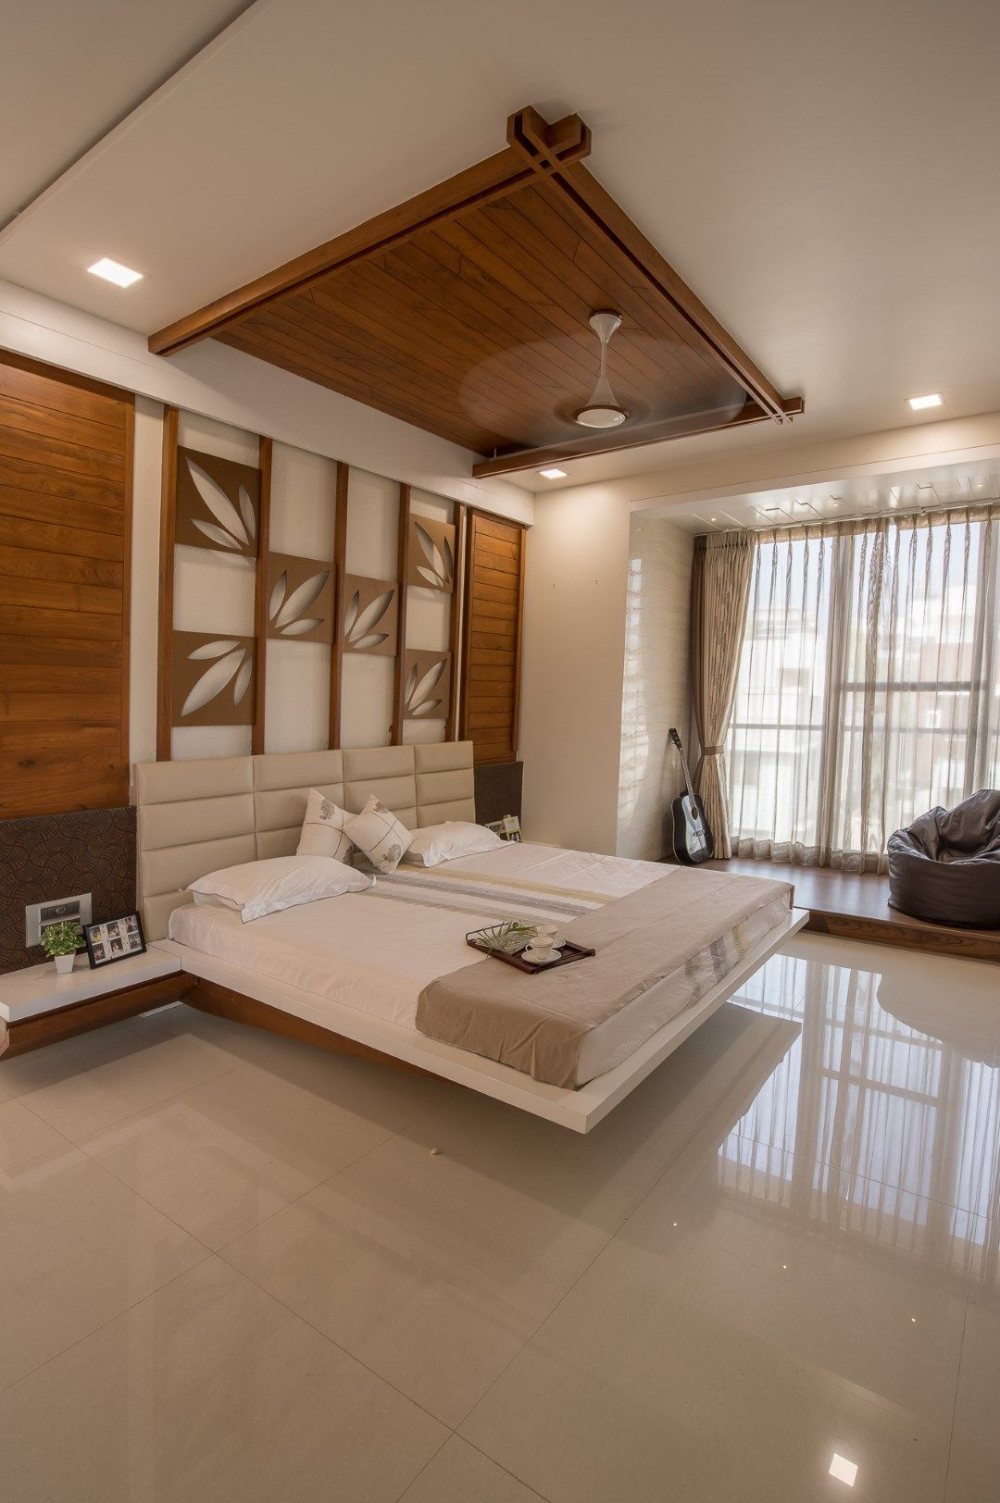 simple elegant bedroom decorating ideas in 2020 | Modern ...